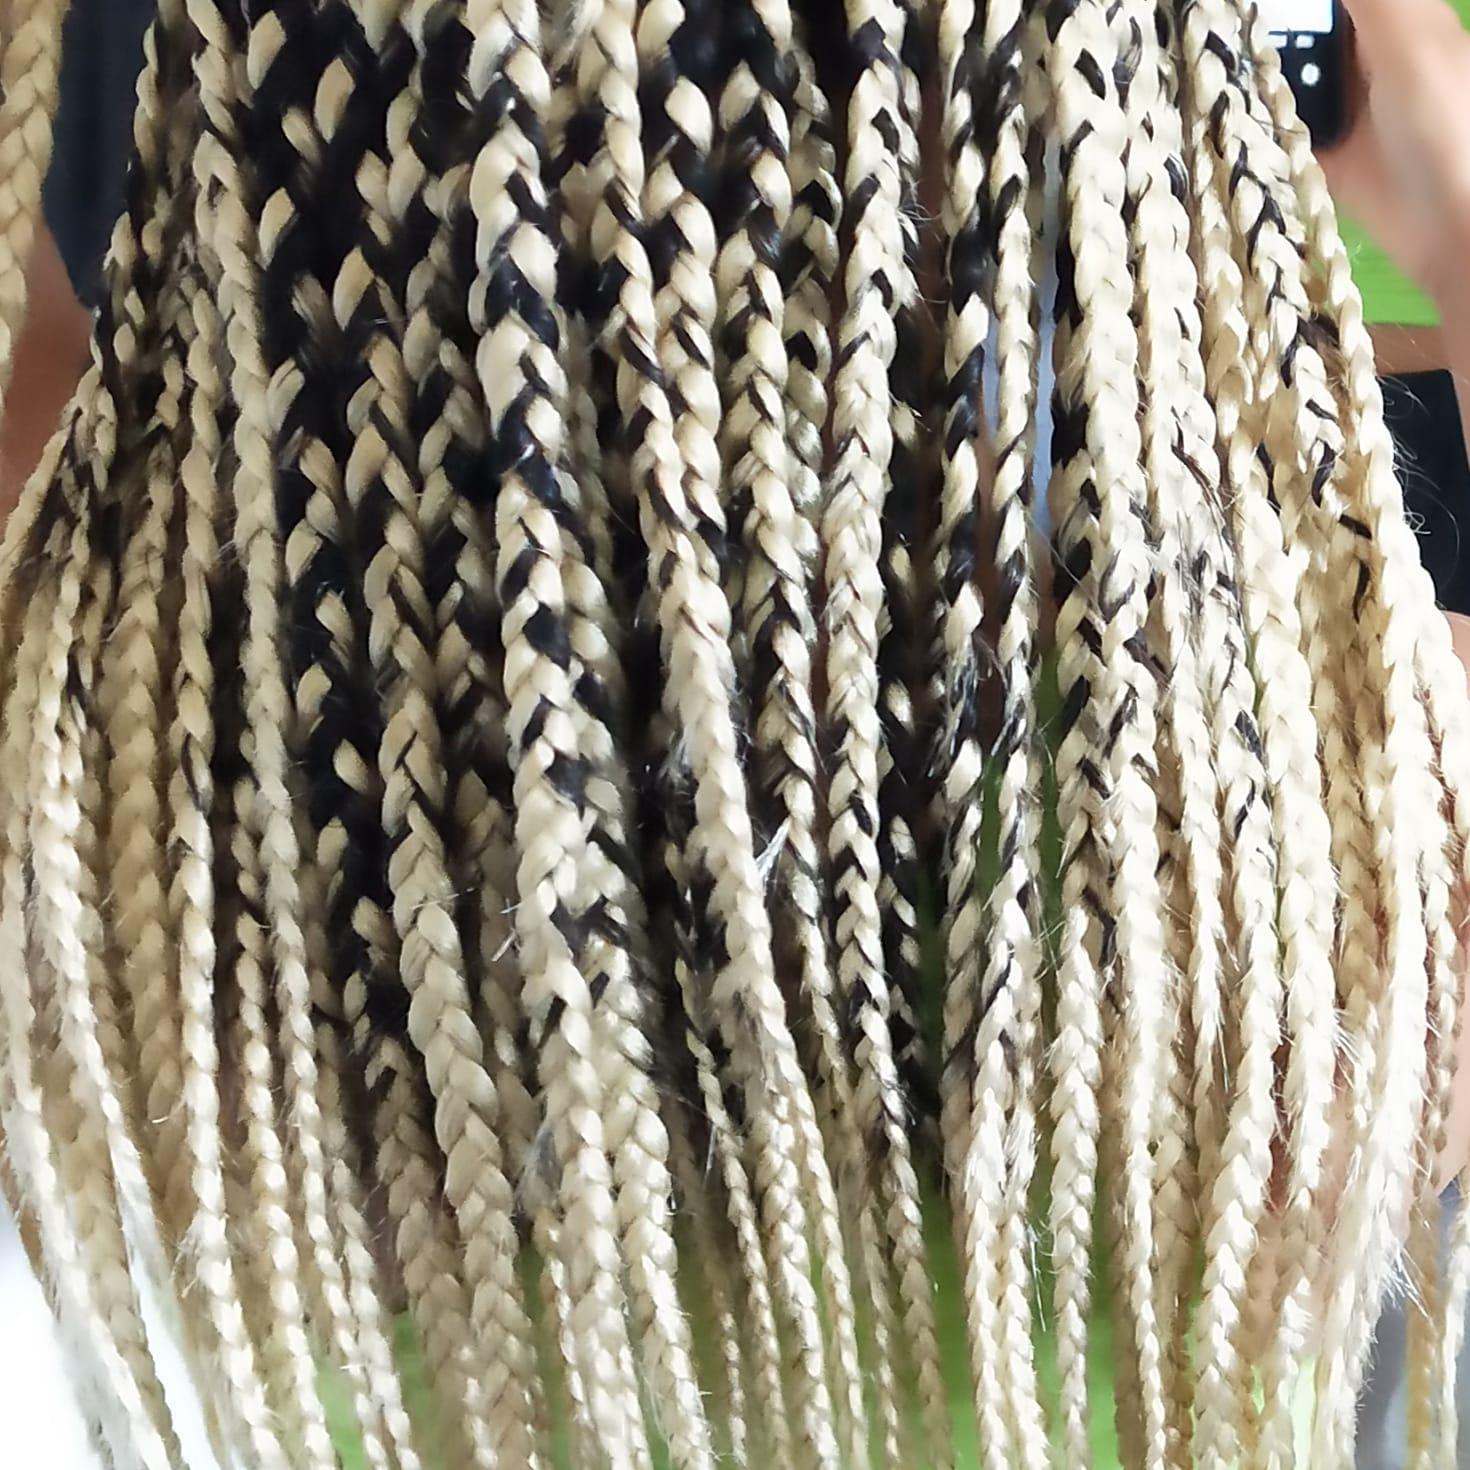 salon de coiffure afro tresse tresses box braids crochet braids vanilles tissages paris 75 77 78 91 92 93 94 95 QFGLQTWV